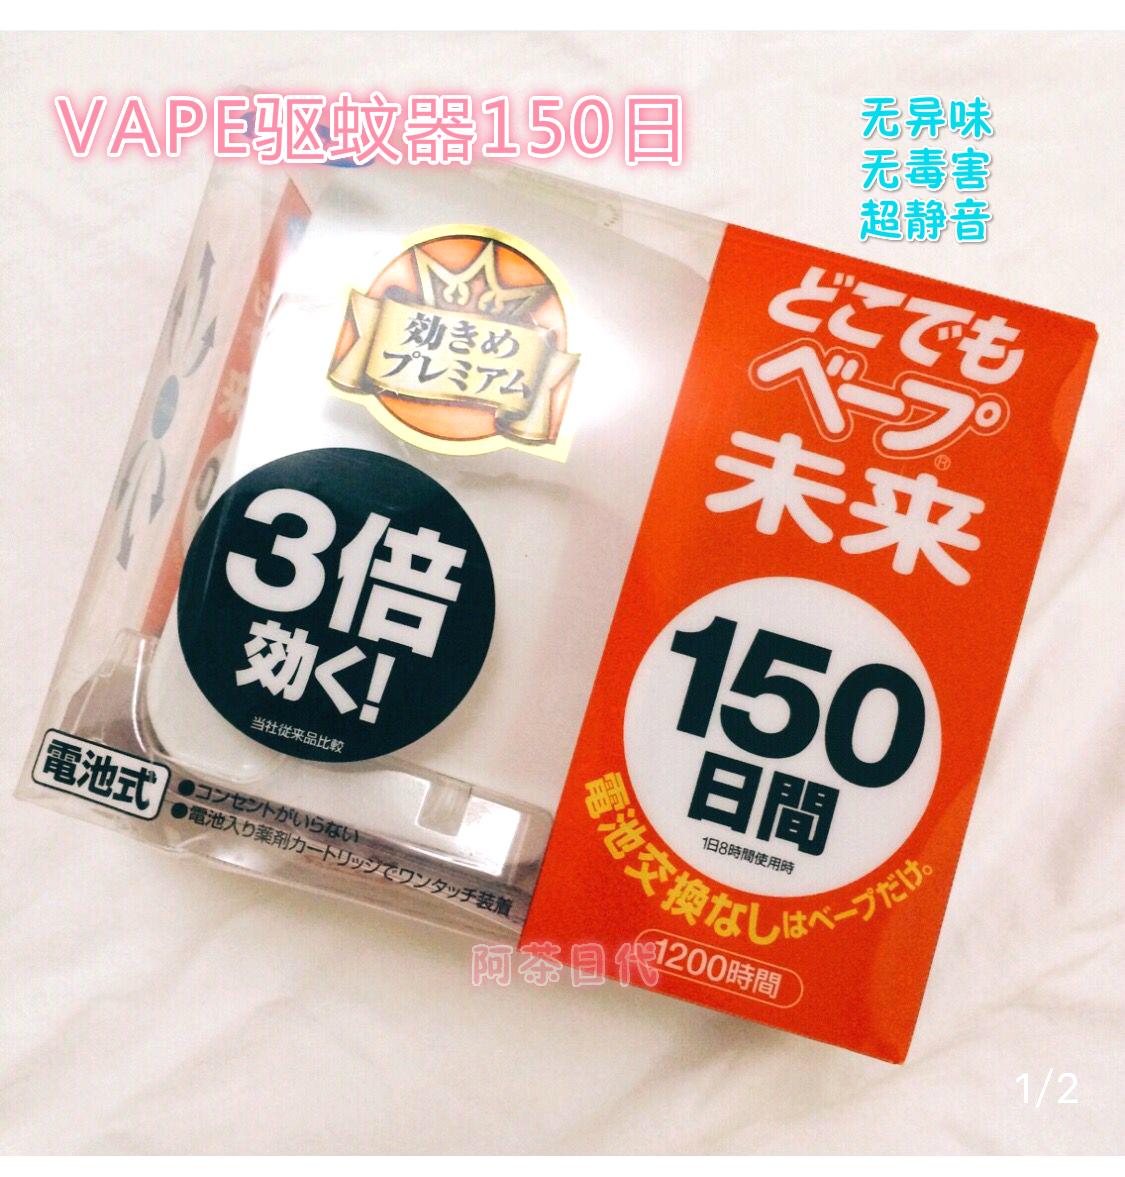 Сейчас в надичии япония VAPE будущее 3 время эффект безвкусный неядовитый электронный репеллент устройство 150 день ребенок беременная женщина доступный